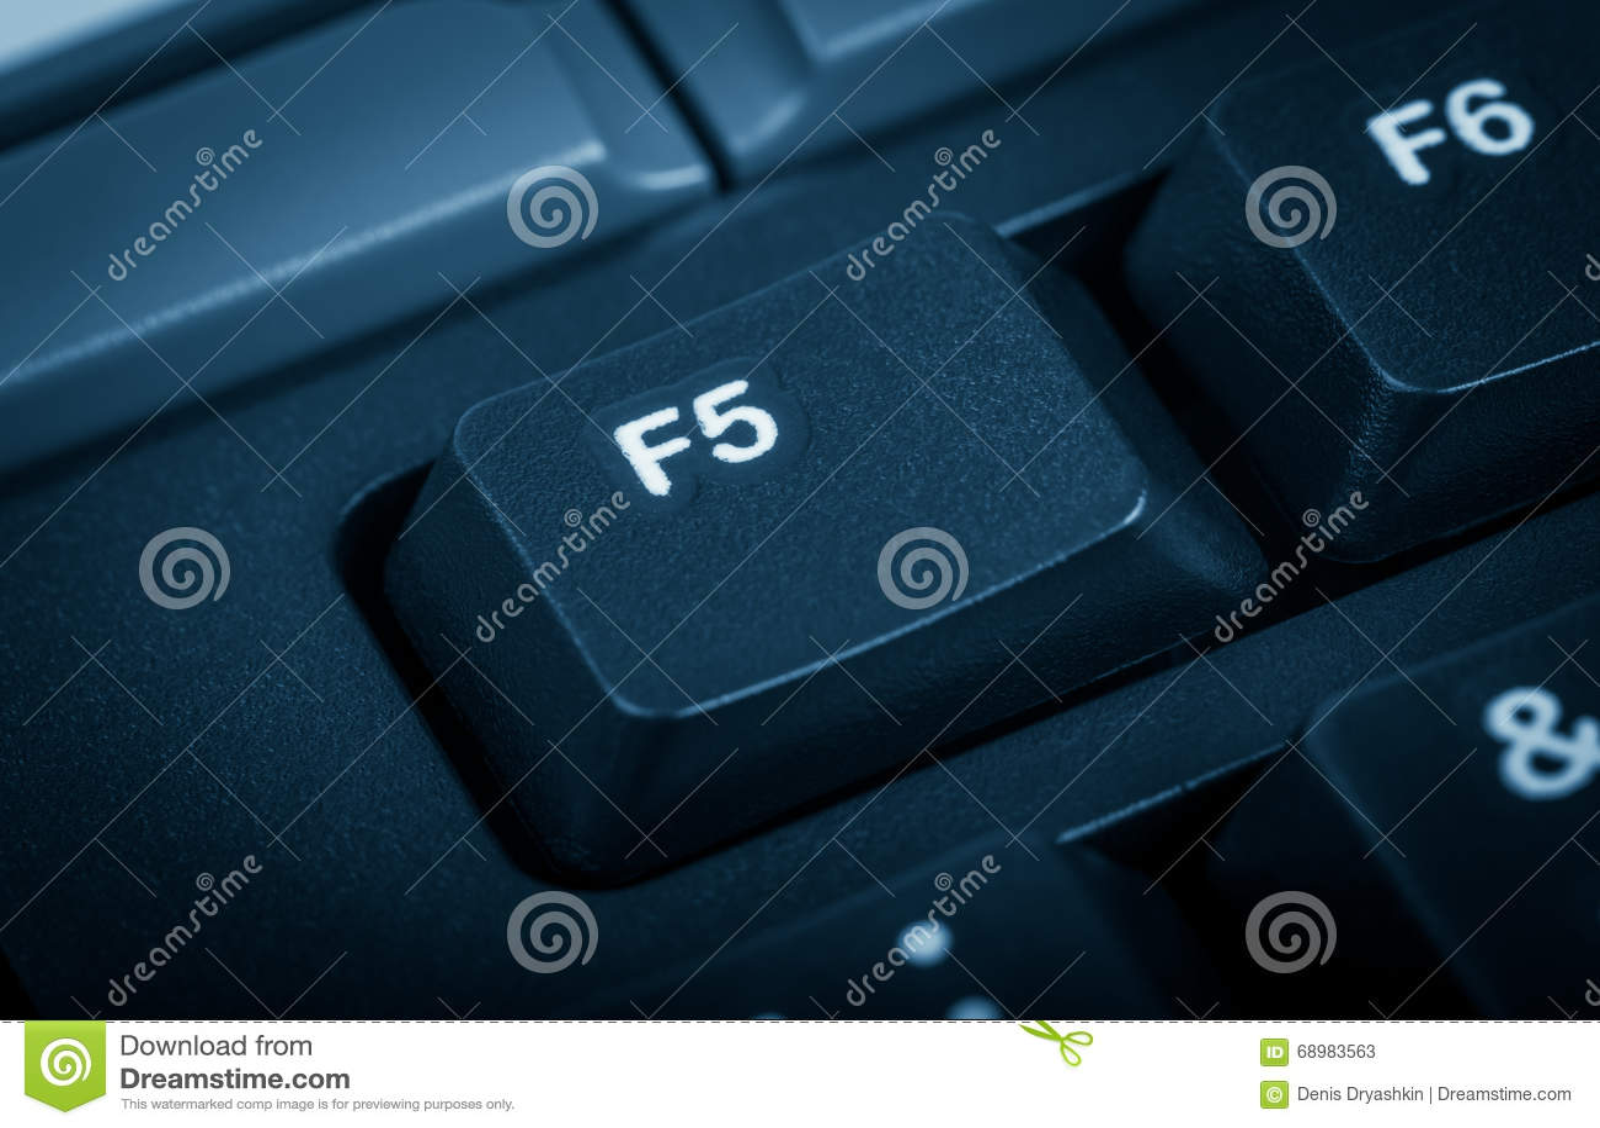 Colección electrónica - ordenador del detalle El foco en la llave F5 A